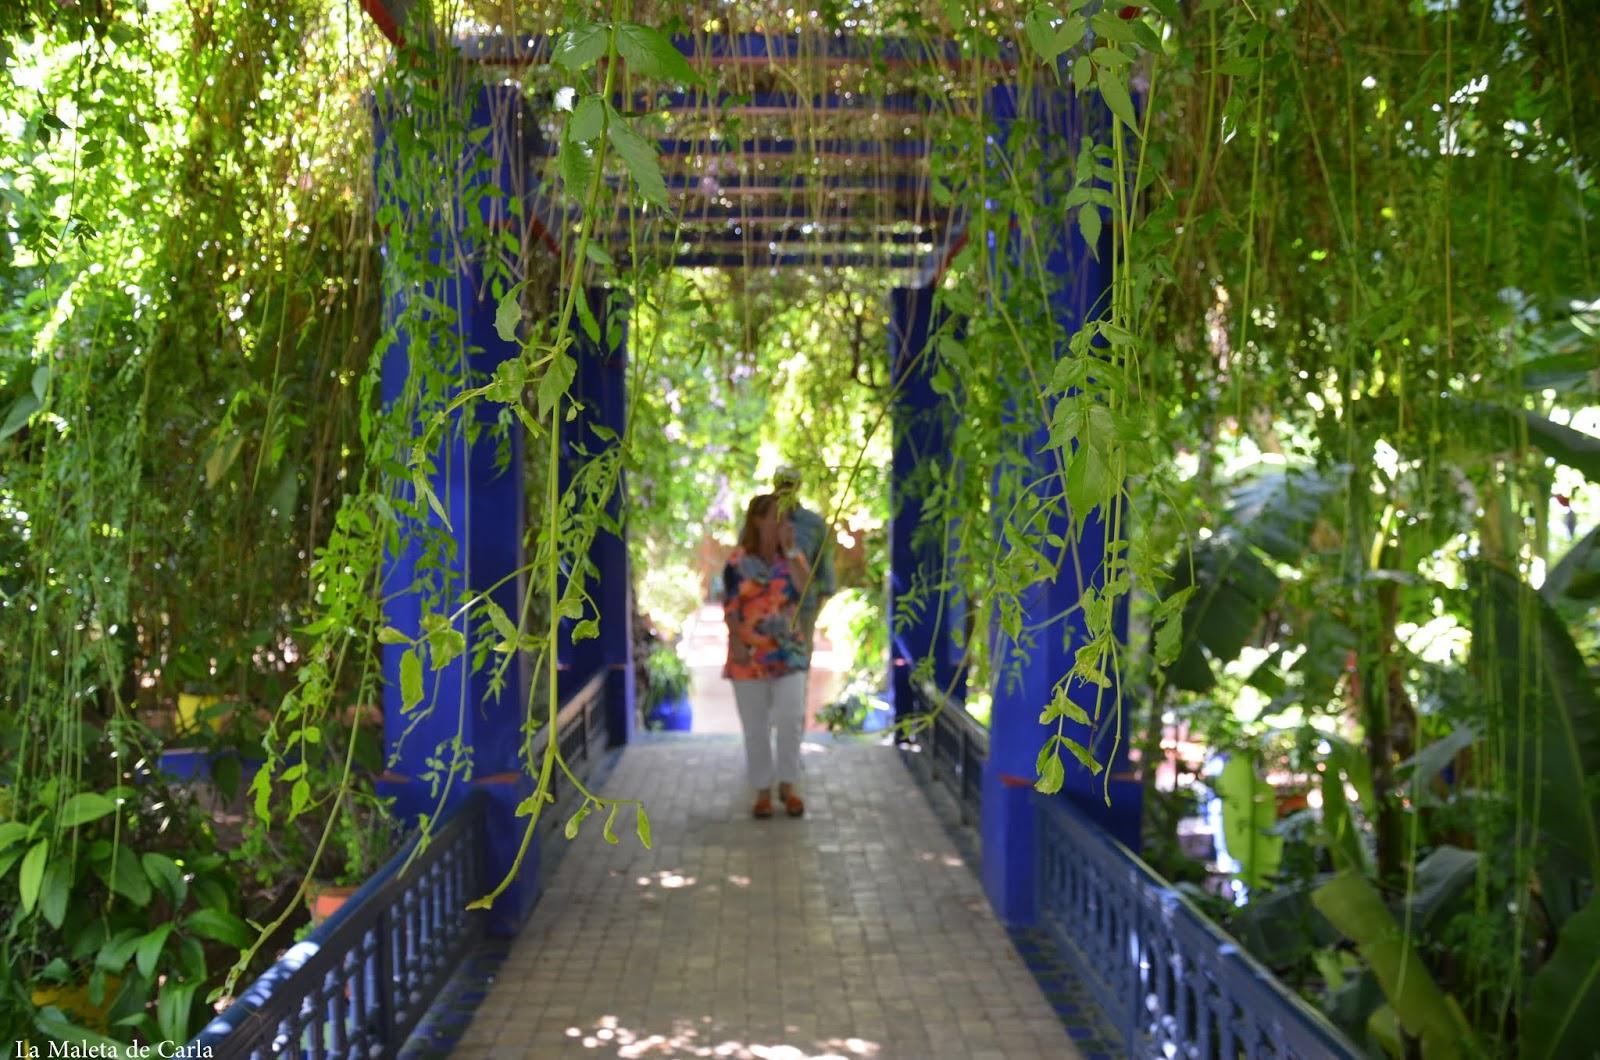 Qué hacer en Marrakech: jardines Majorelle